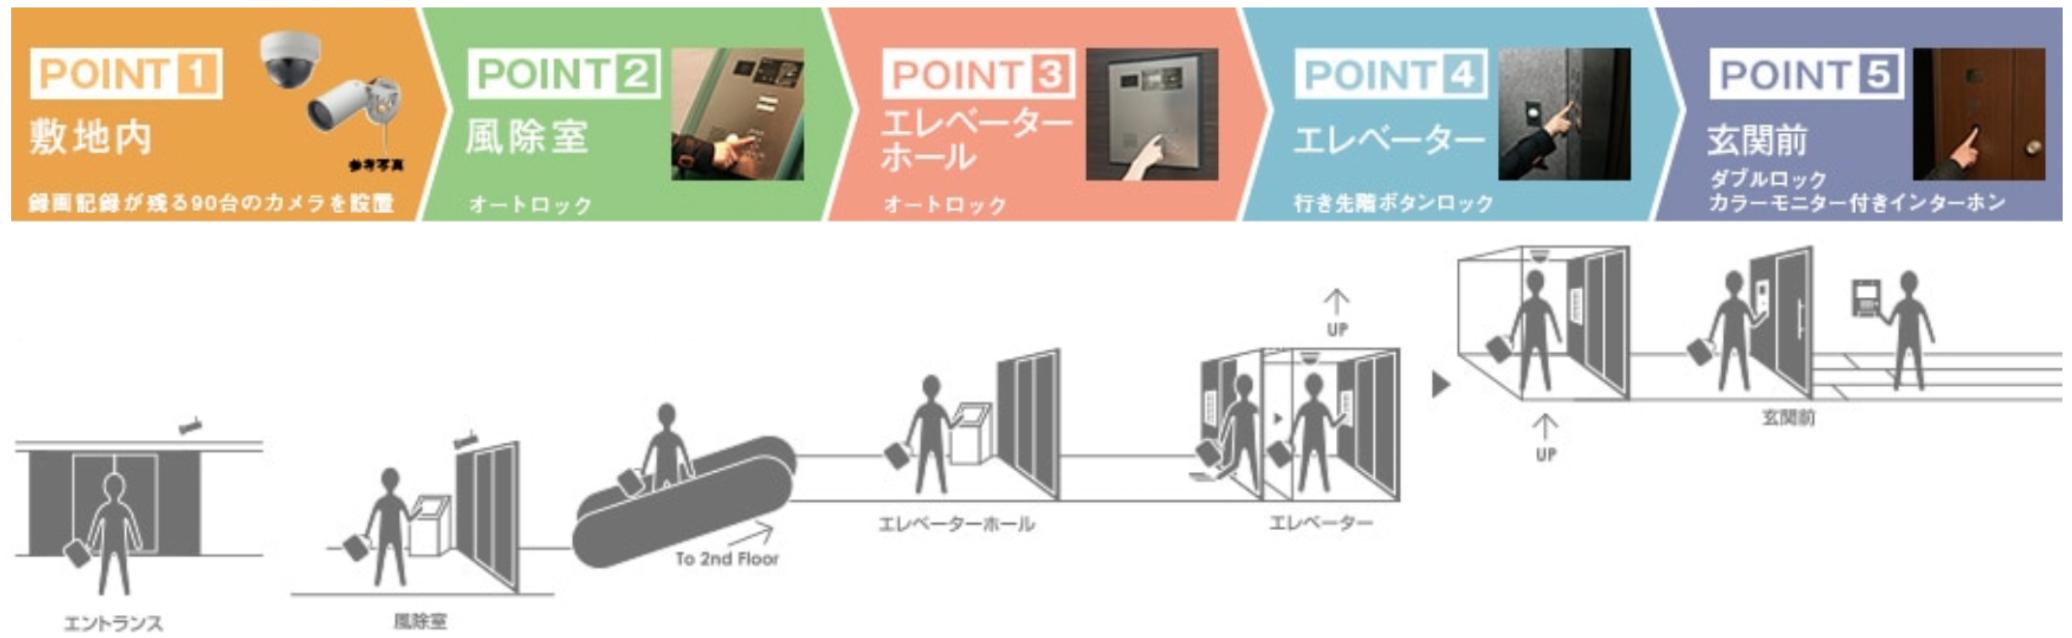 5段階セキュリティのイメージ